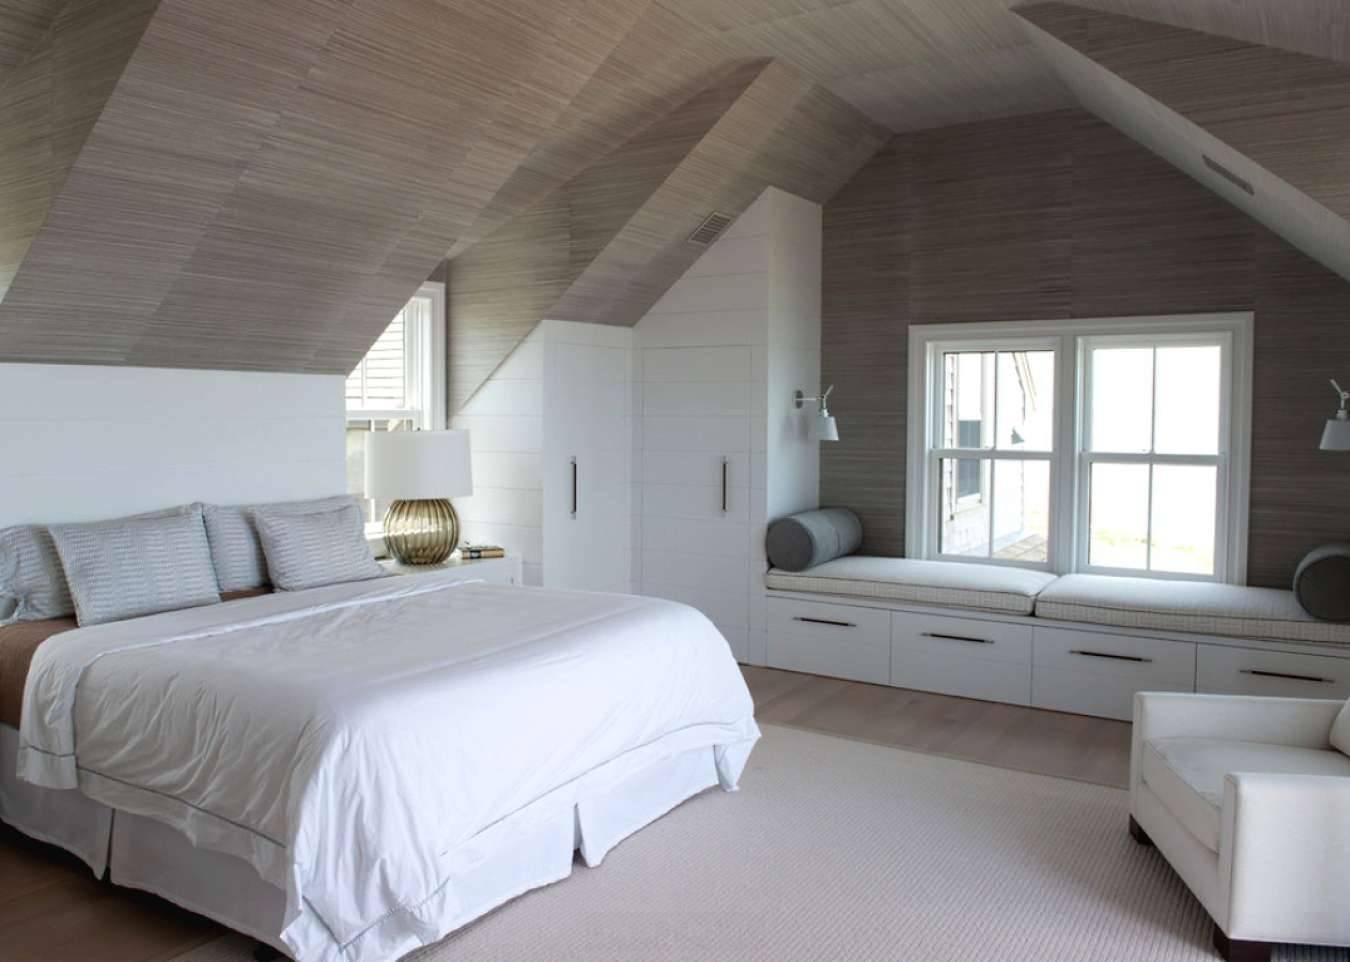 Дизайн дома с мансардой: 170+ (фото) варианты интерьера комнаты